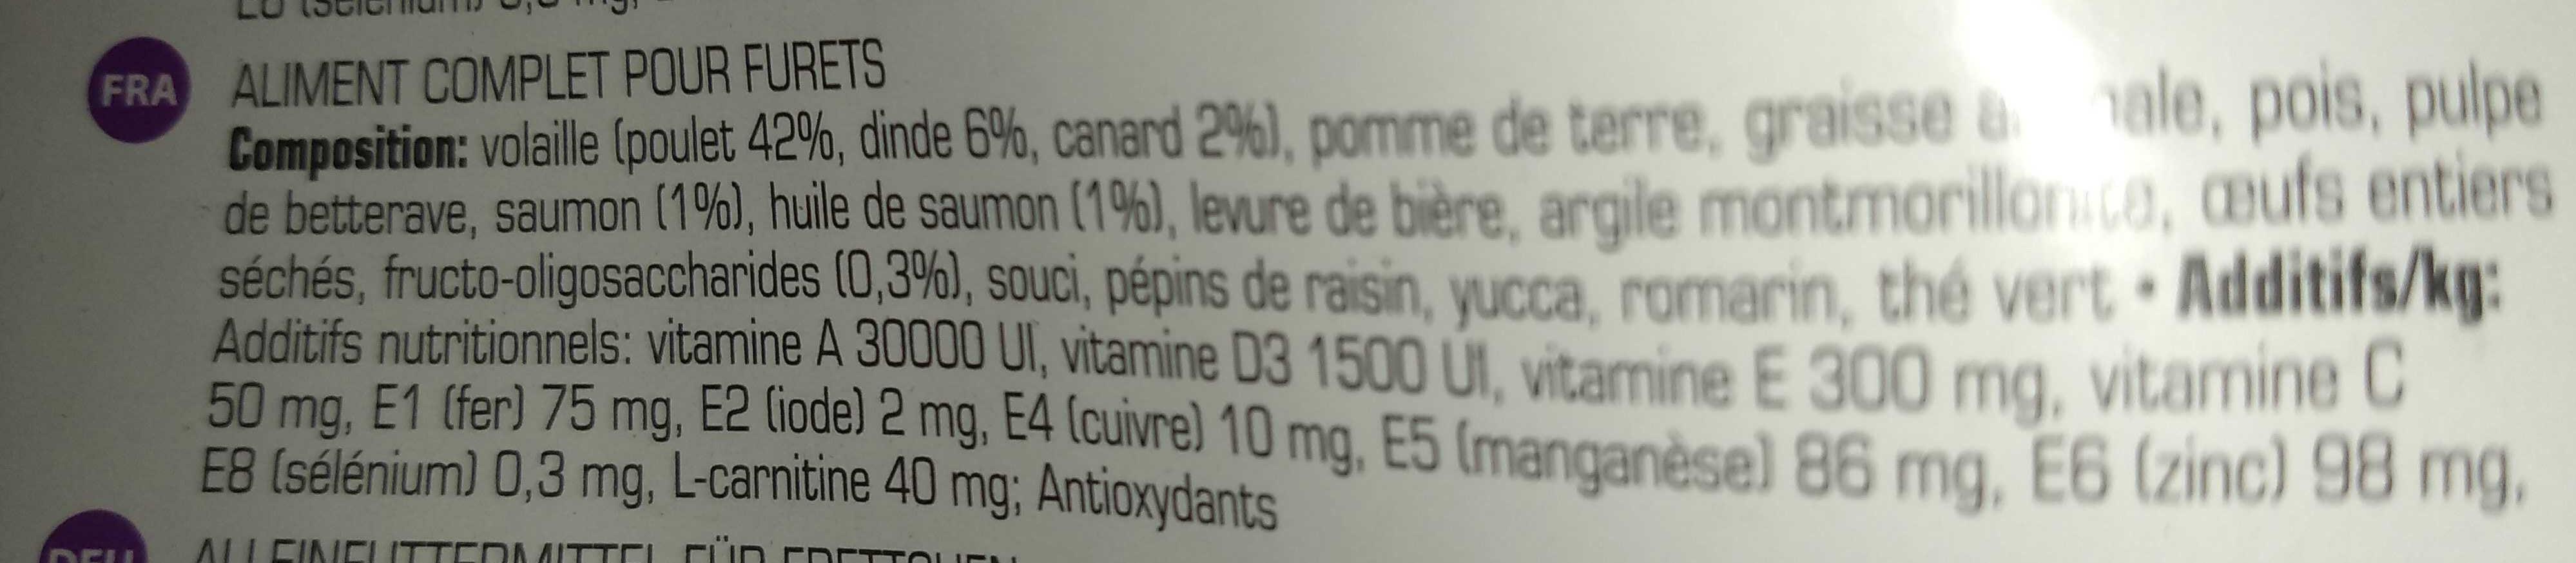 Complete Ferret - Ingredients - en